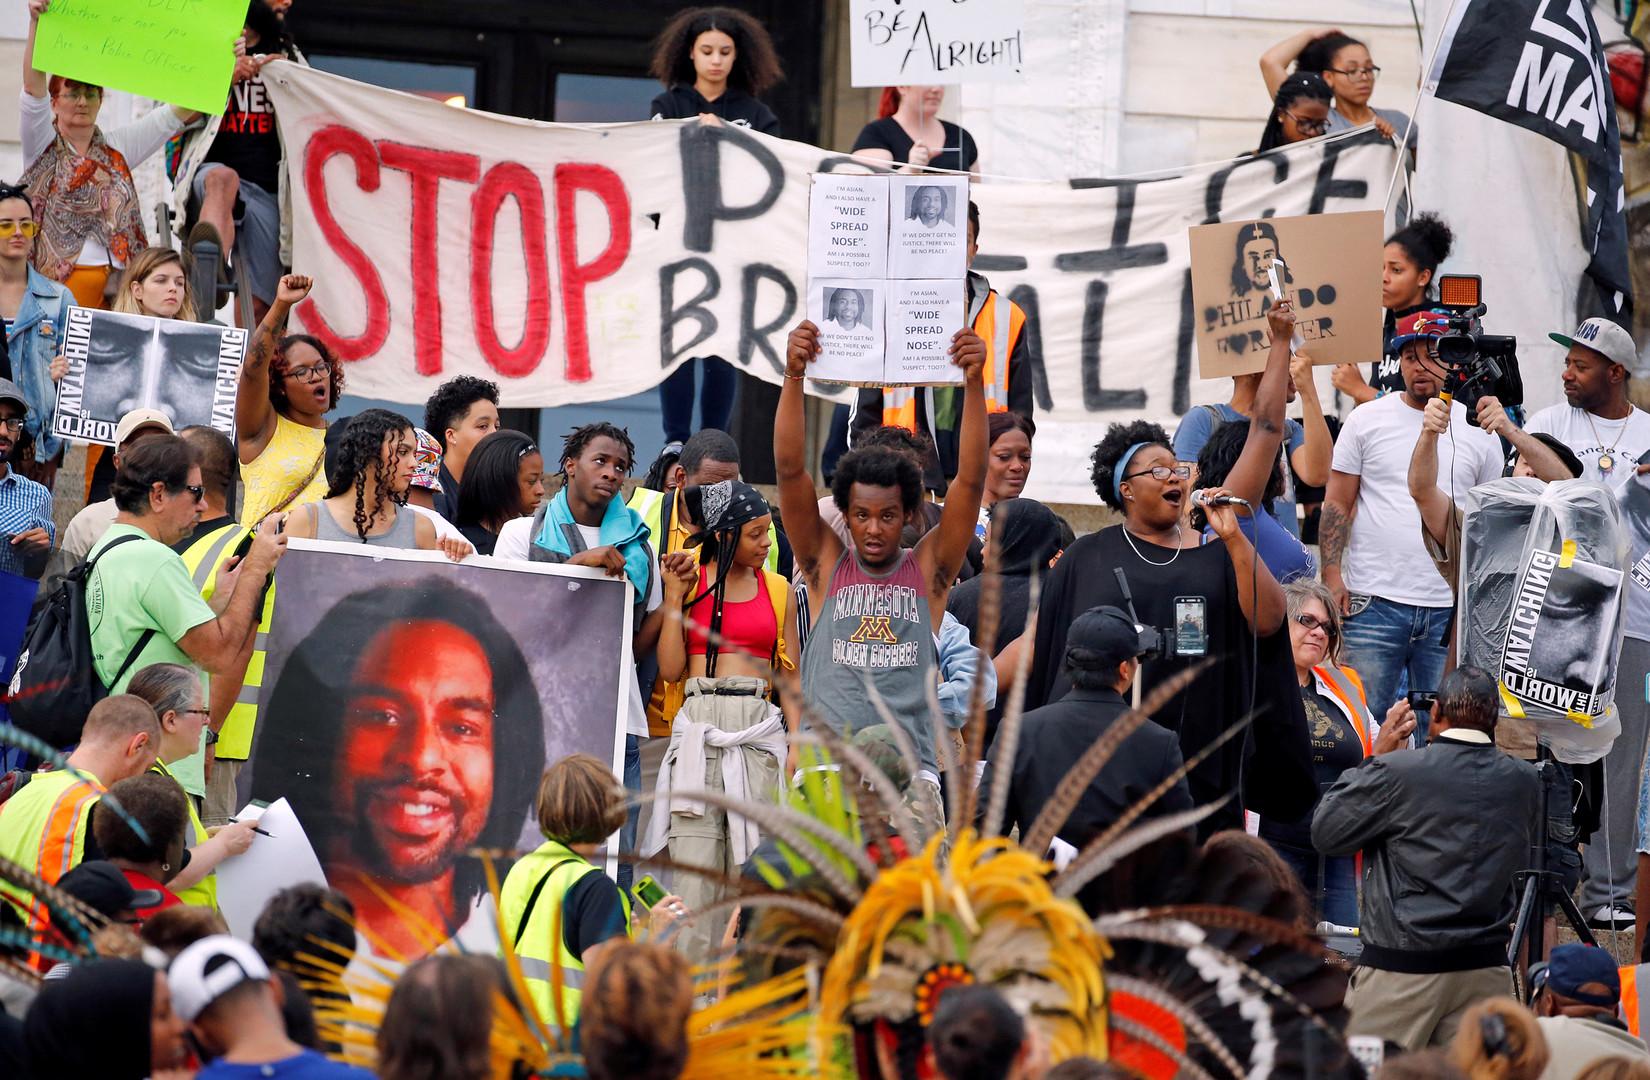 Etats-Unis : 18 manifestants arrêtés après l'acquittement d'un policier qui avait abattu un Noir